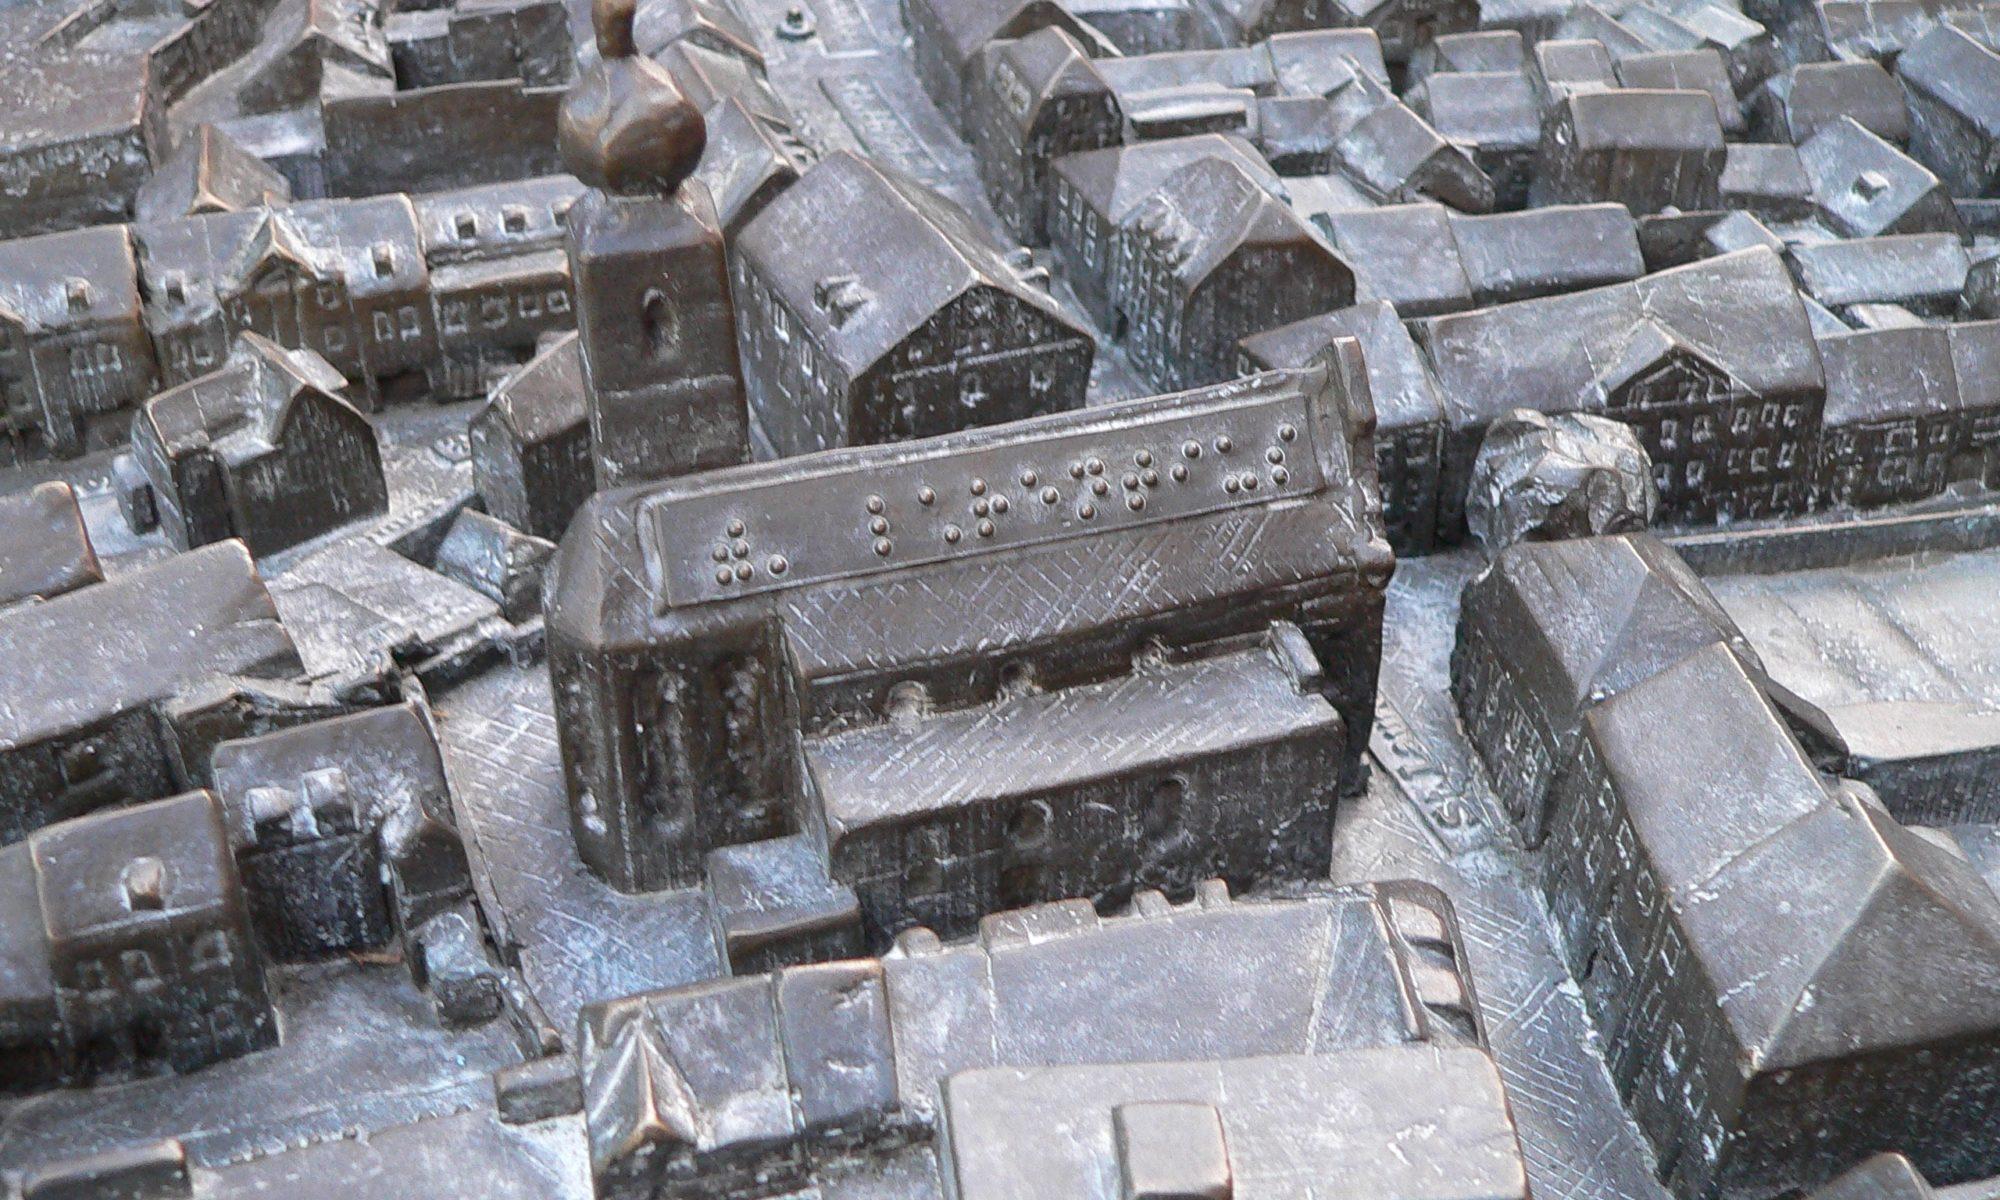 Stadtmodell von Marktheidenfeld mit Brailleschrift für Blinde. | Foto: B. Schneider